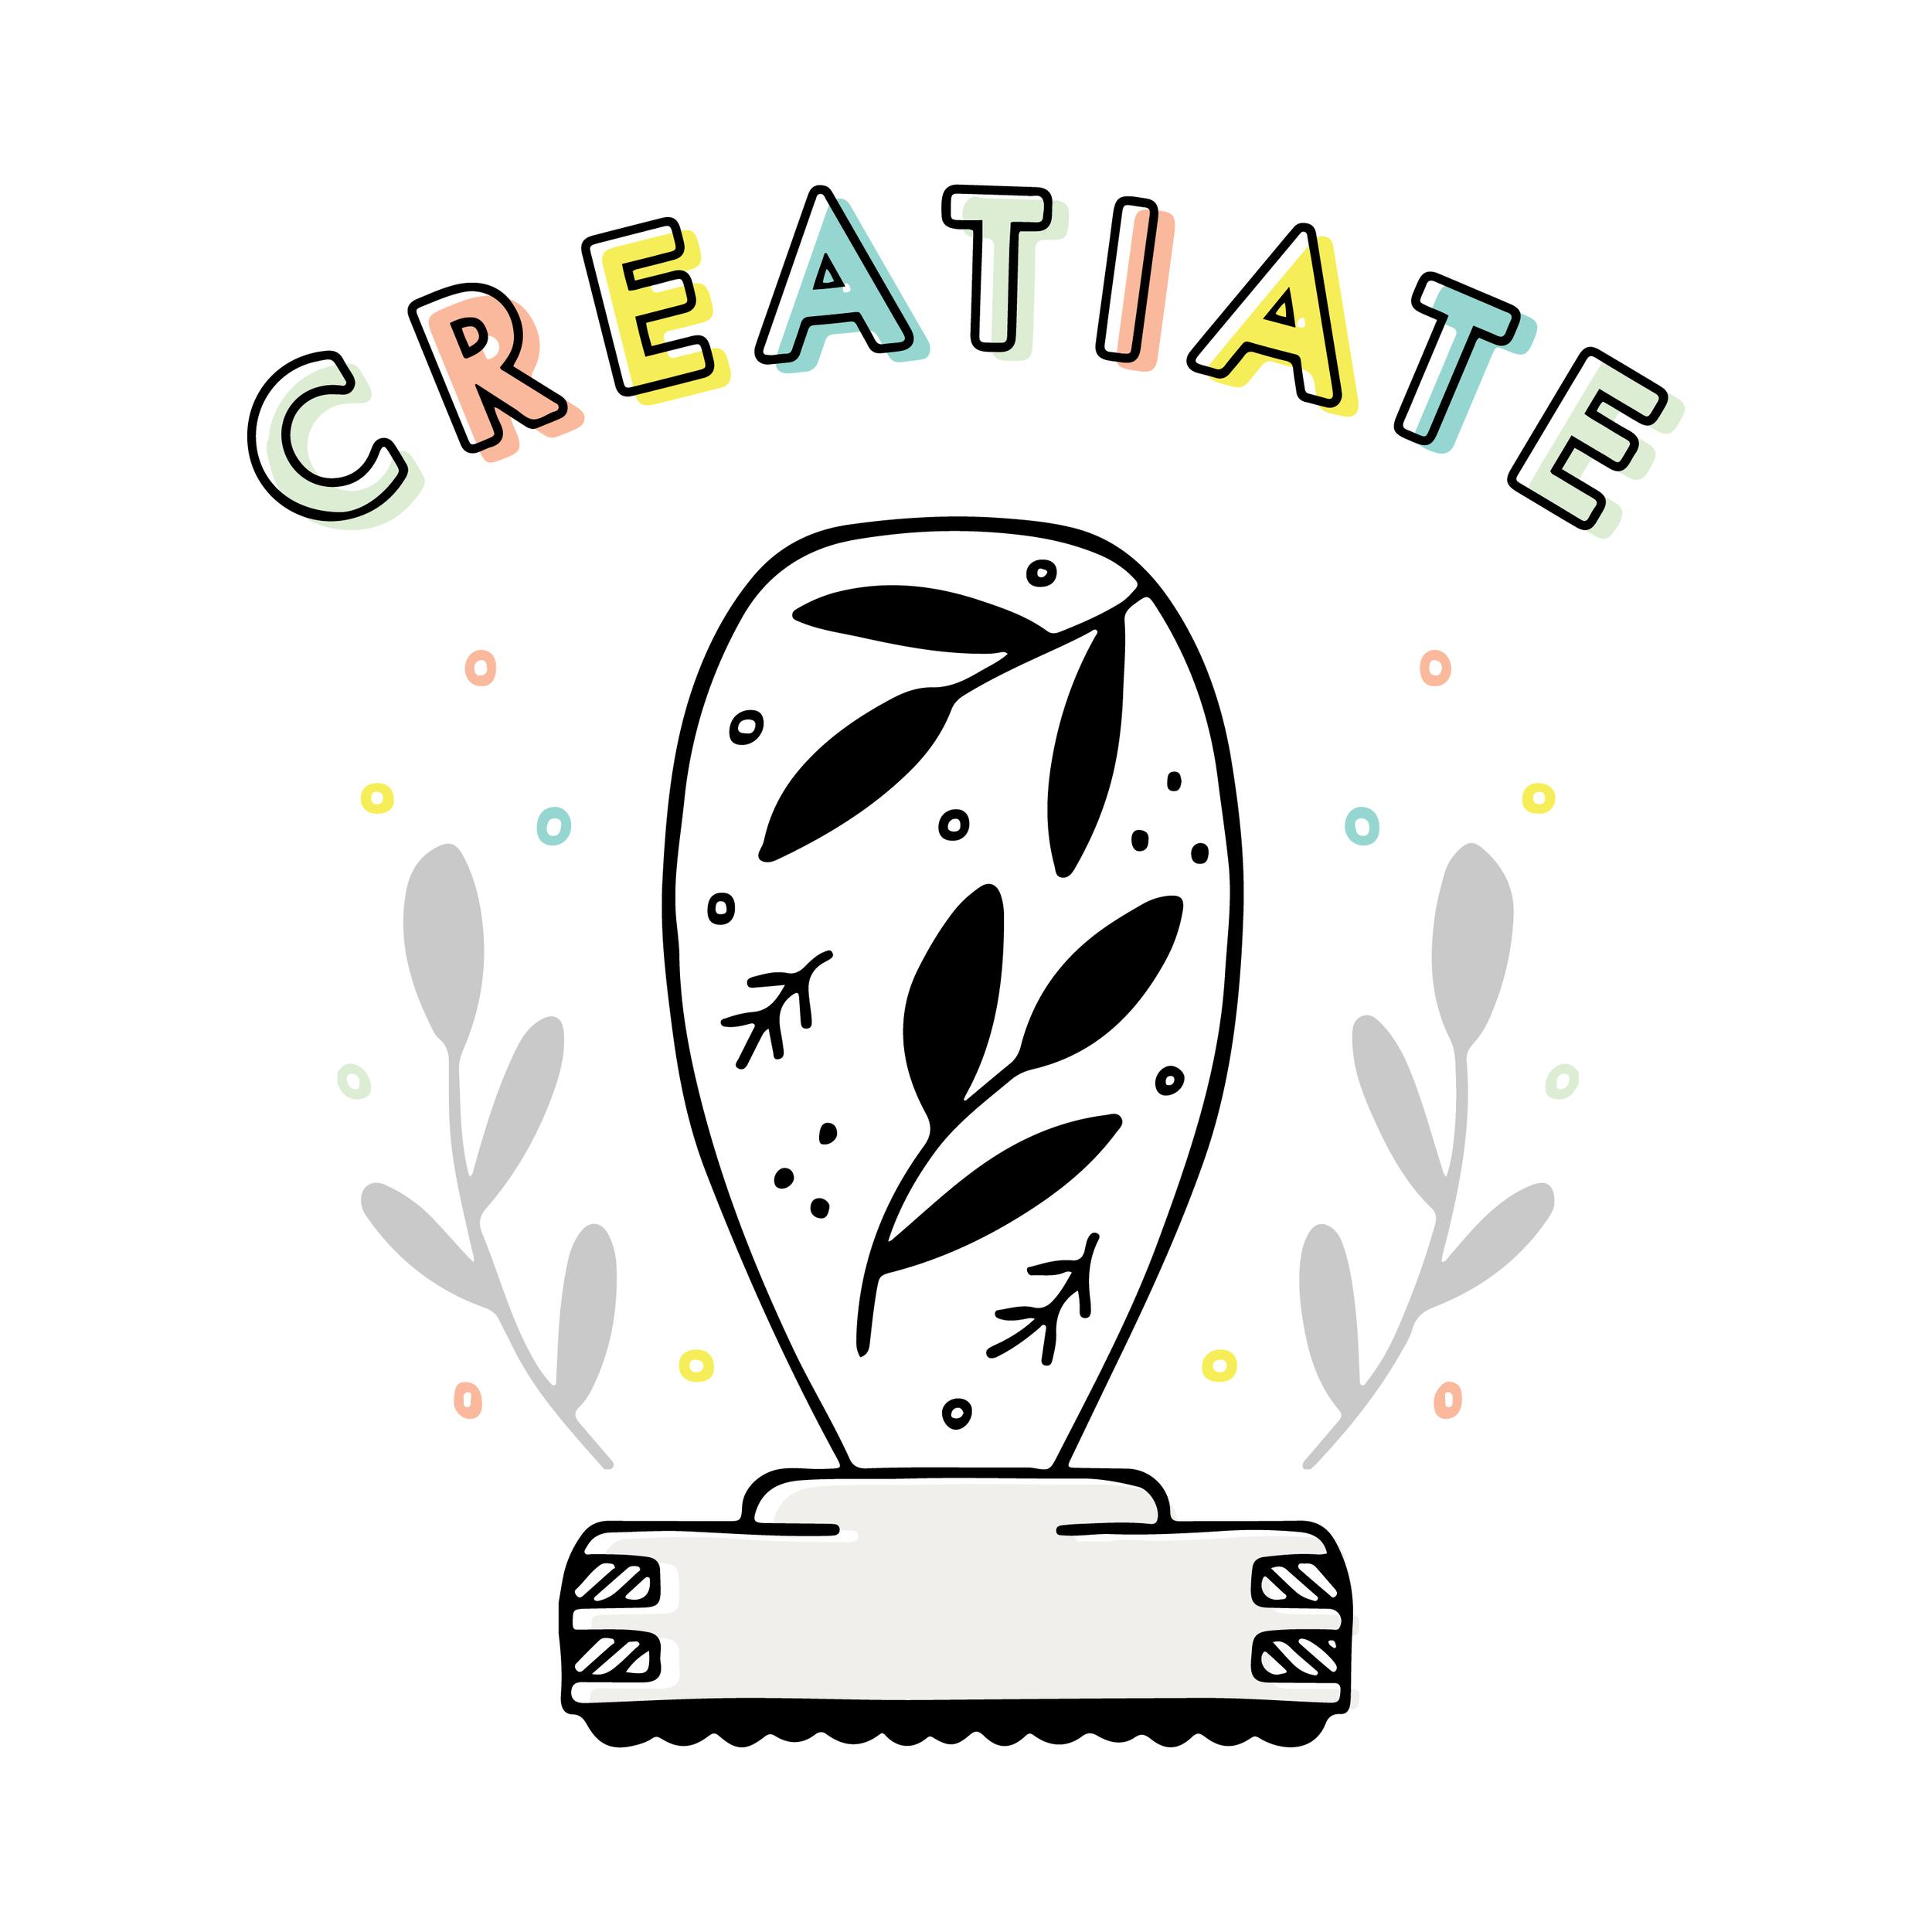 Creatiate